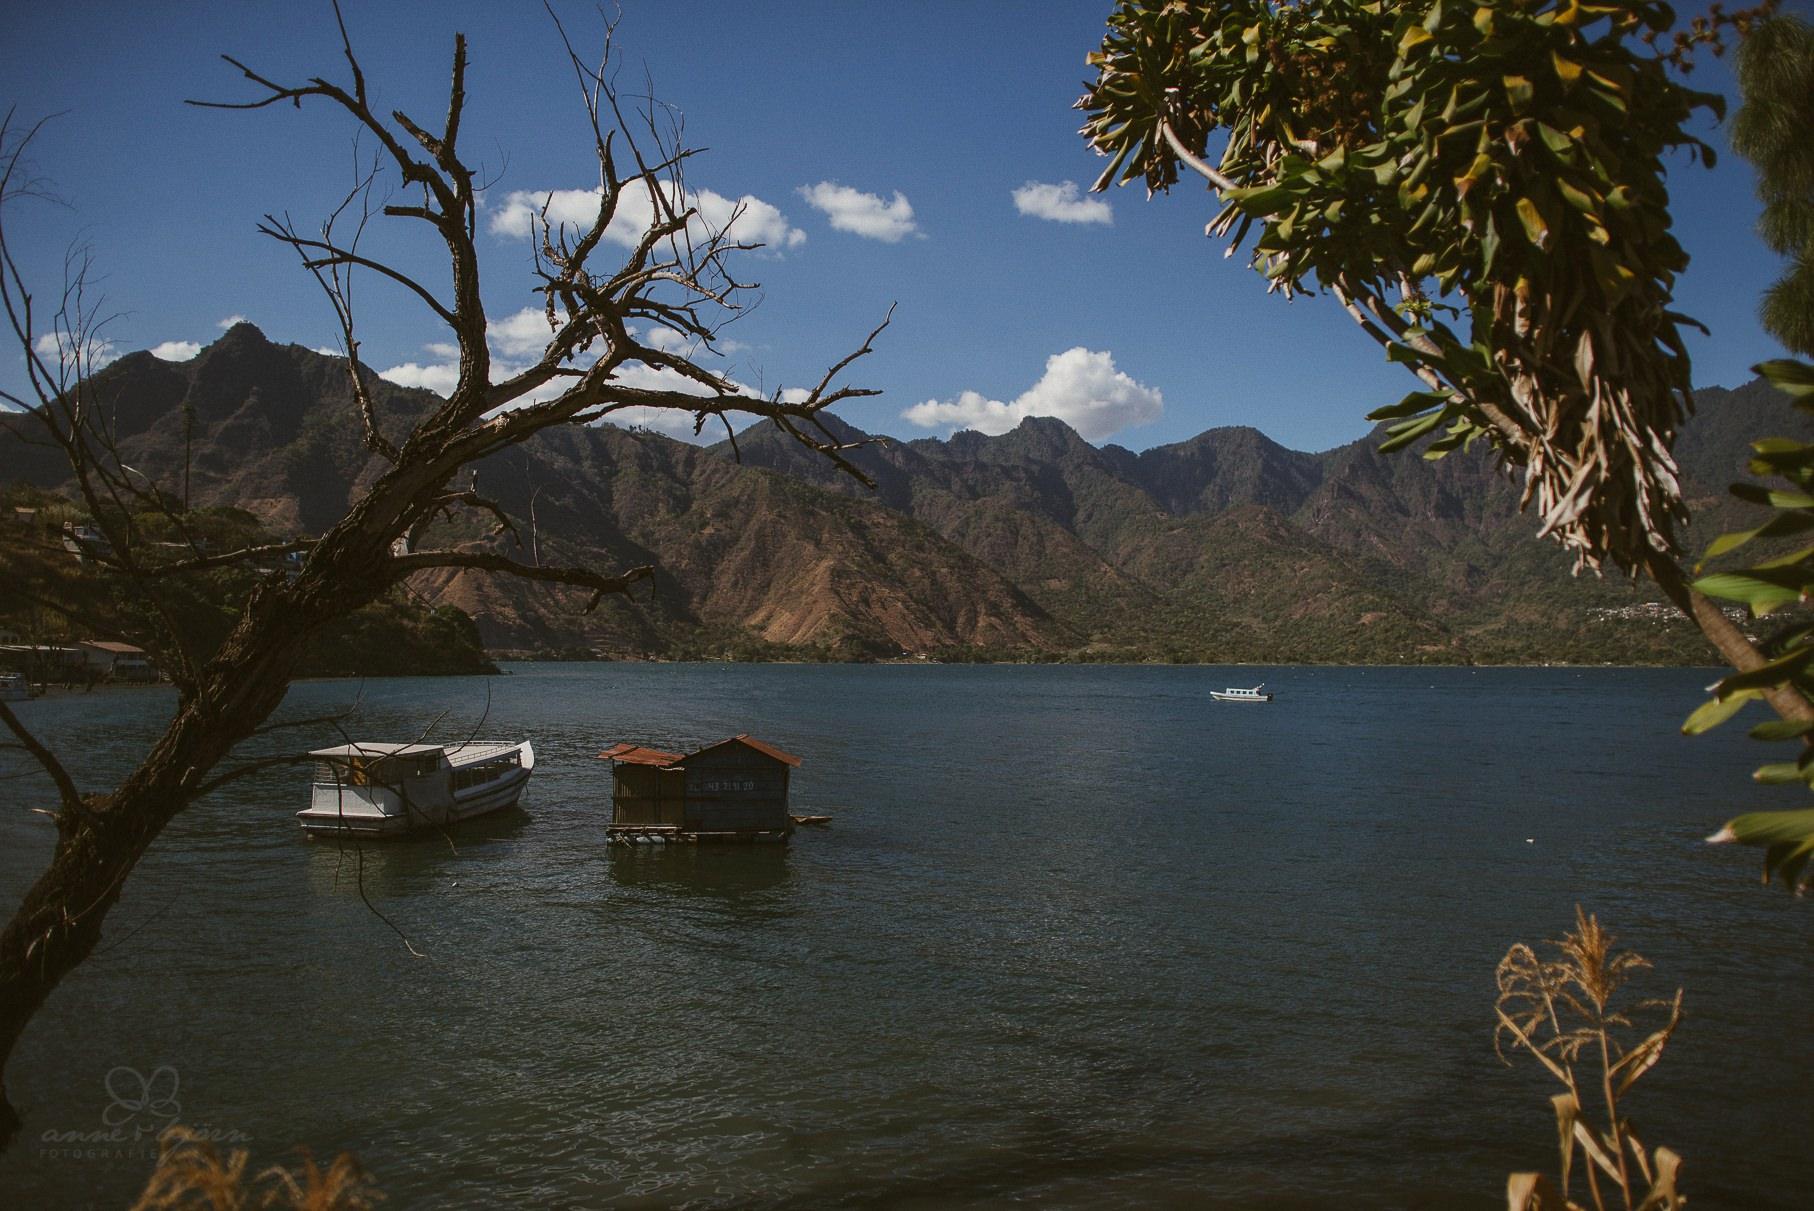 0118 anne und bjoern guatemala d75 2252 - 4 Wochen durch Guatemala - backpacking durch Mittelamerika